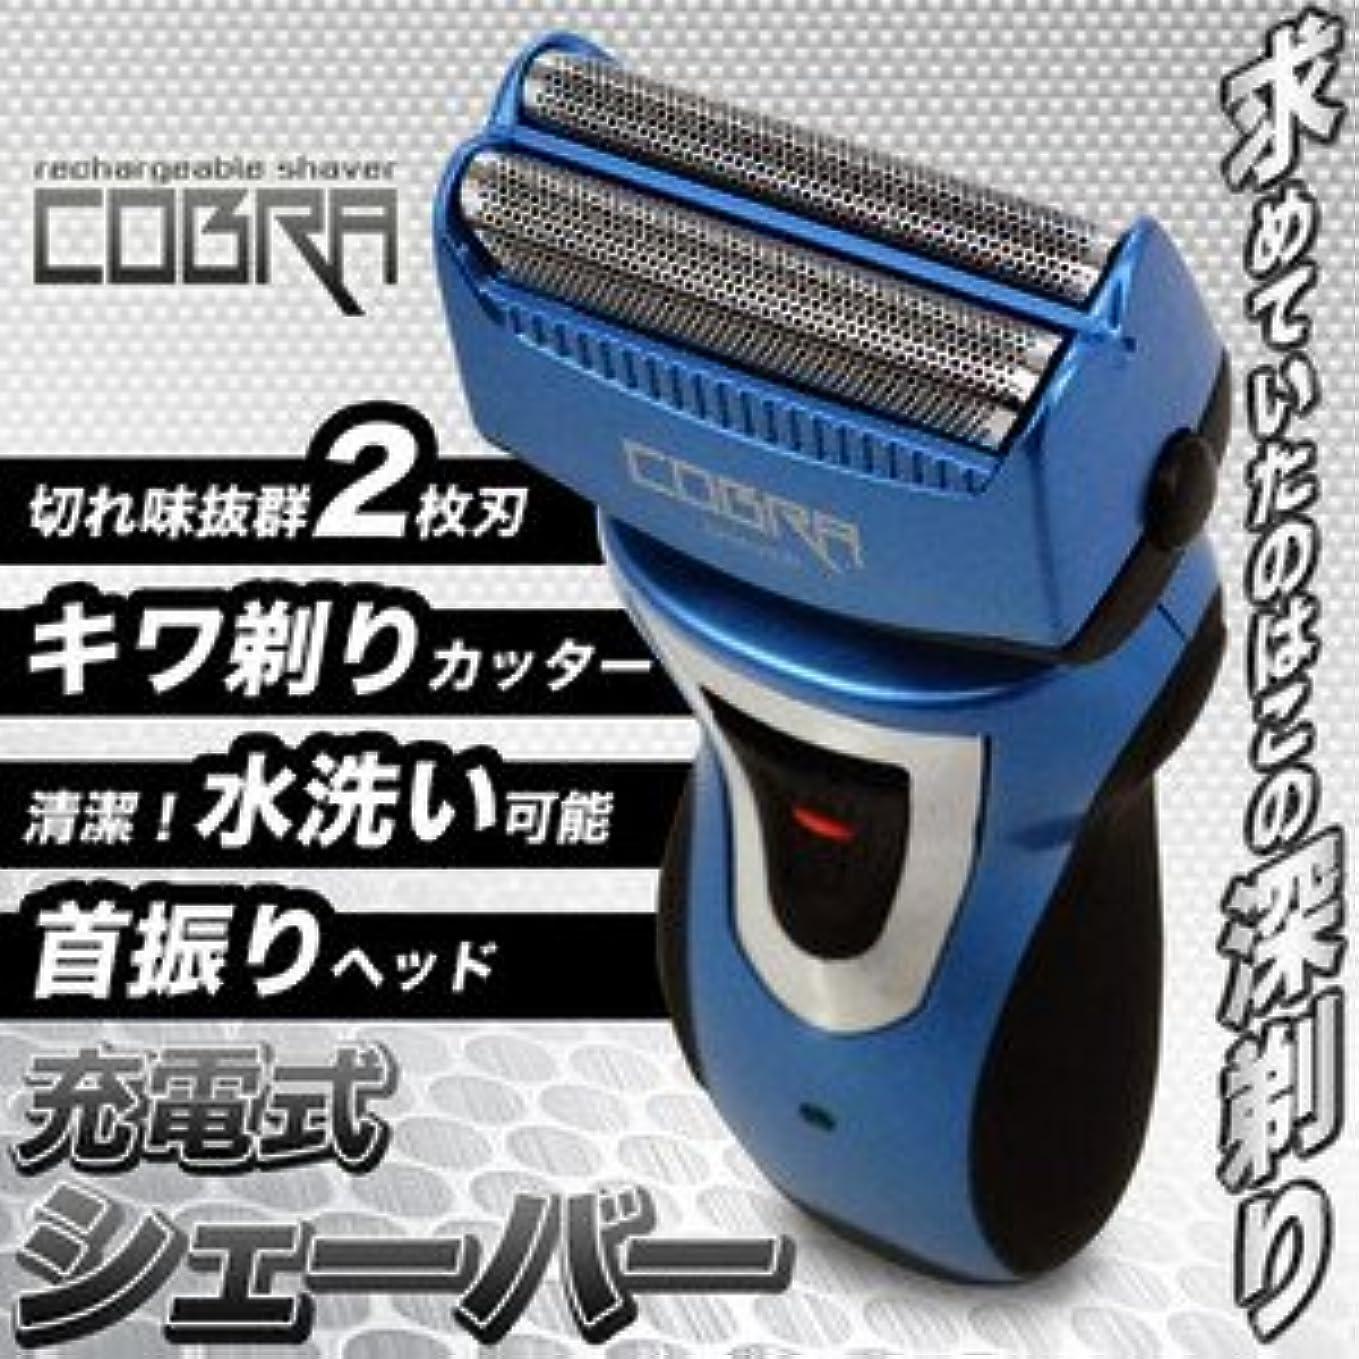 ベスビオ山すなわちポット★限定商品!◆髭剃り/シェーバー◆充電式/コブラ◆RQ-720青